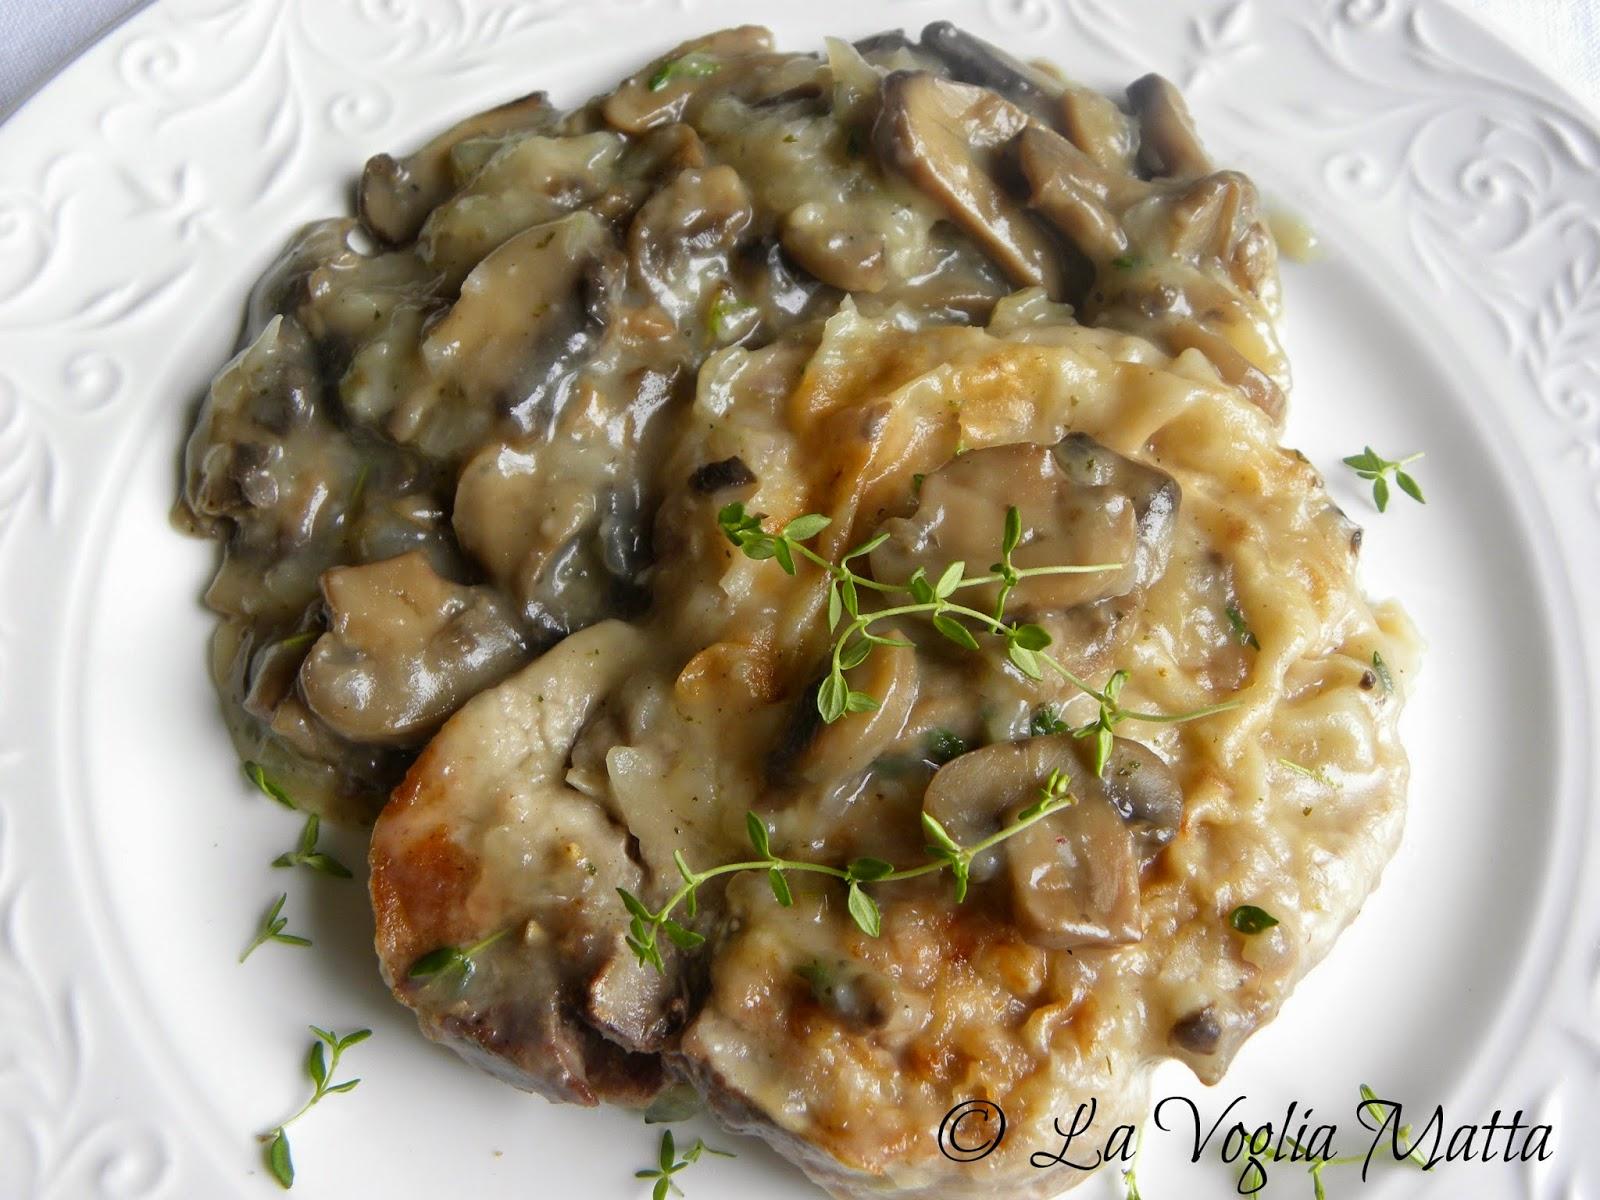 fettine di maiale al Marsala con champignon